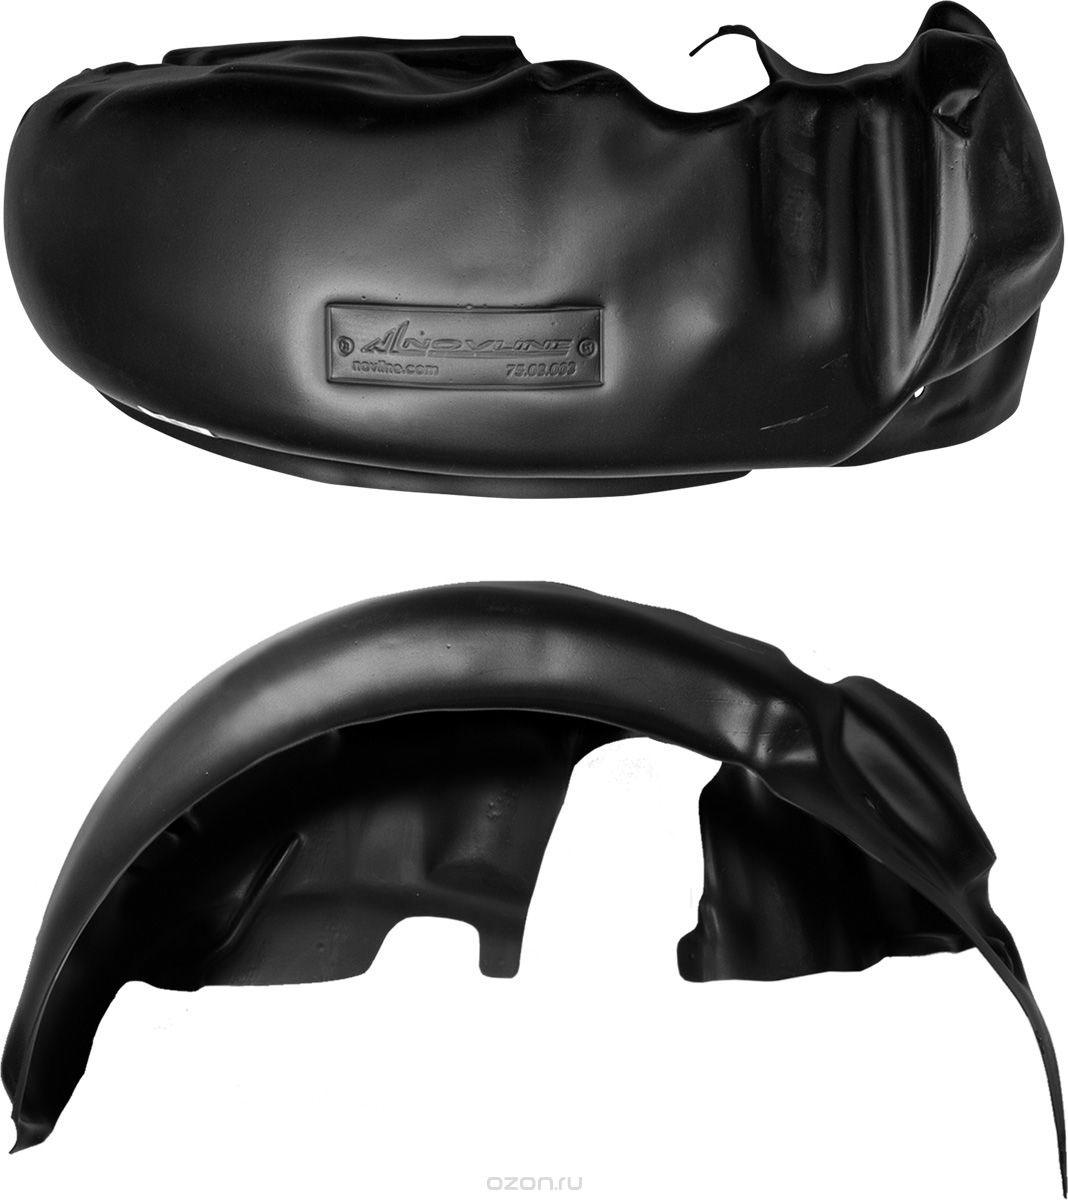 Подкрылок Novline-Autofamily, для Citroen C-Crosser, 2007->, задний левыйNLL.10.14.003Идеальная защита колесной ниши. Локеры разработаны с применением цифровых технологий, гарантируют максимальную повторяемость поверхности арки. Изделия устанавливаются без нарушения лакокрасочного покрытия автомобиля, каждый подкрылок комплектуется крепежом. Уважаемые клиенты, обращаем ваше внимание, что фотографии на подкрылки универсальные и не отражают реальную форму изделия. При этом само изделие идет точно под размер указанного автомобиля.